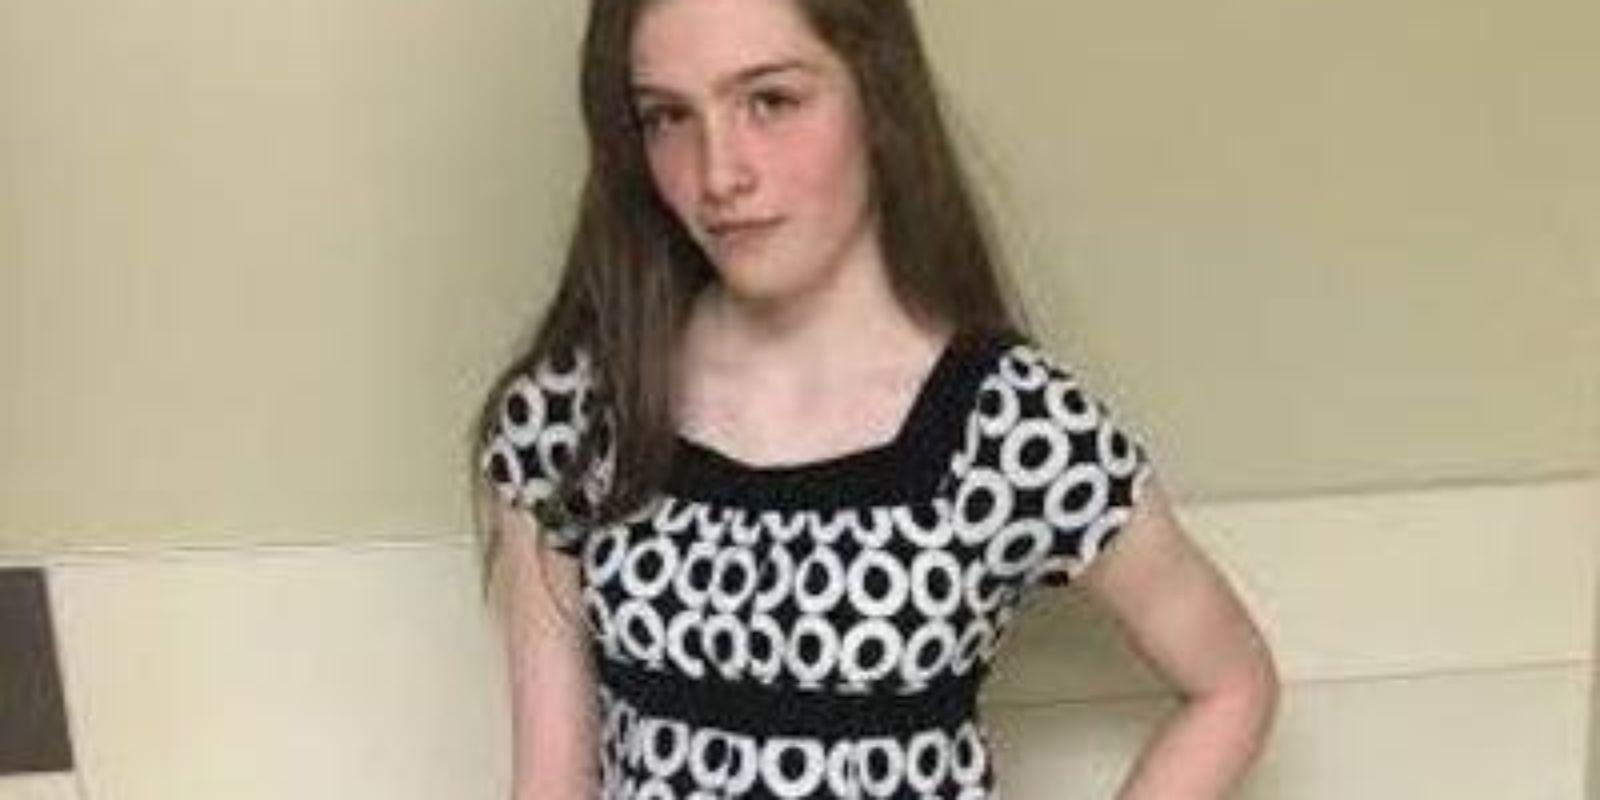 Lascia morire di fame la figlia di 16 anni: madre adottiva condannata all'ergastolo